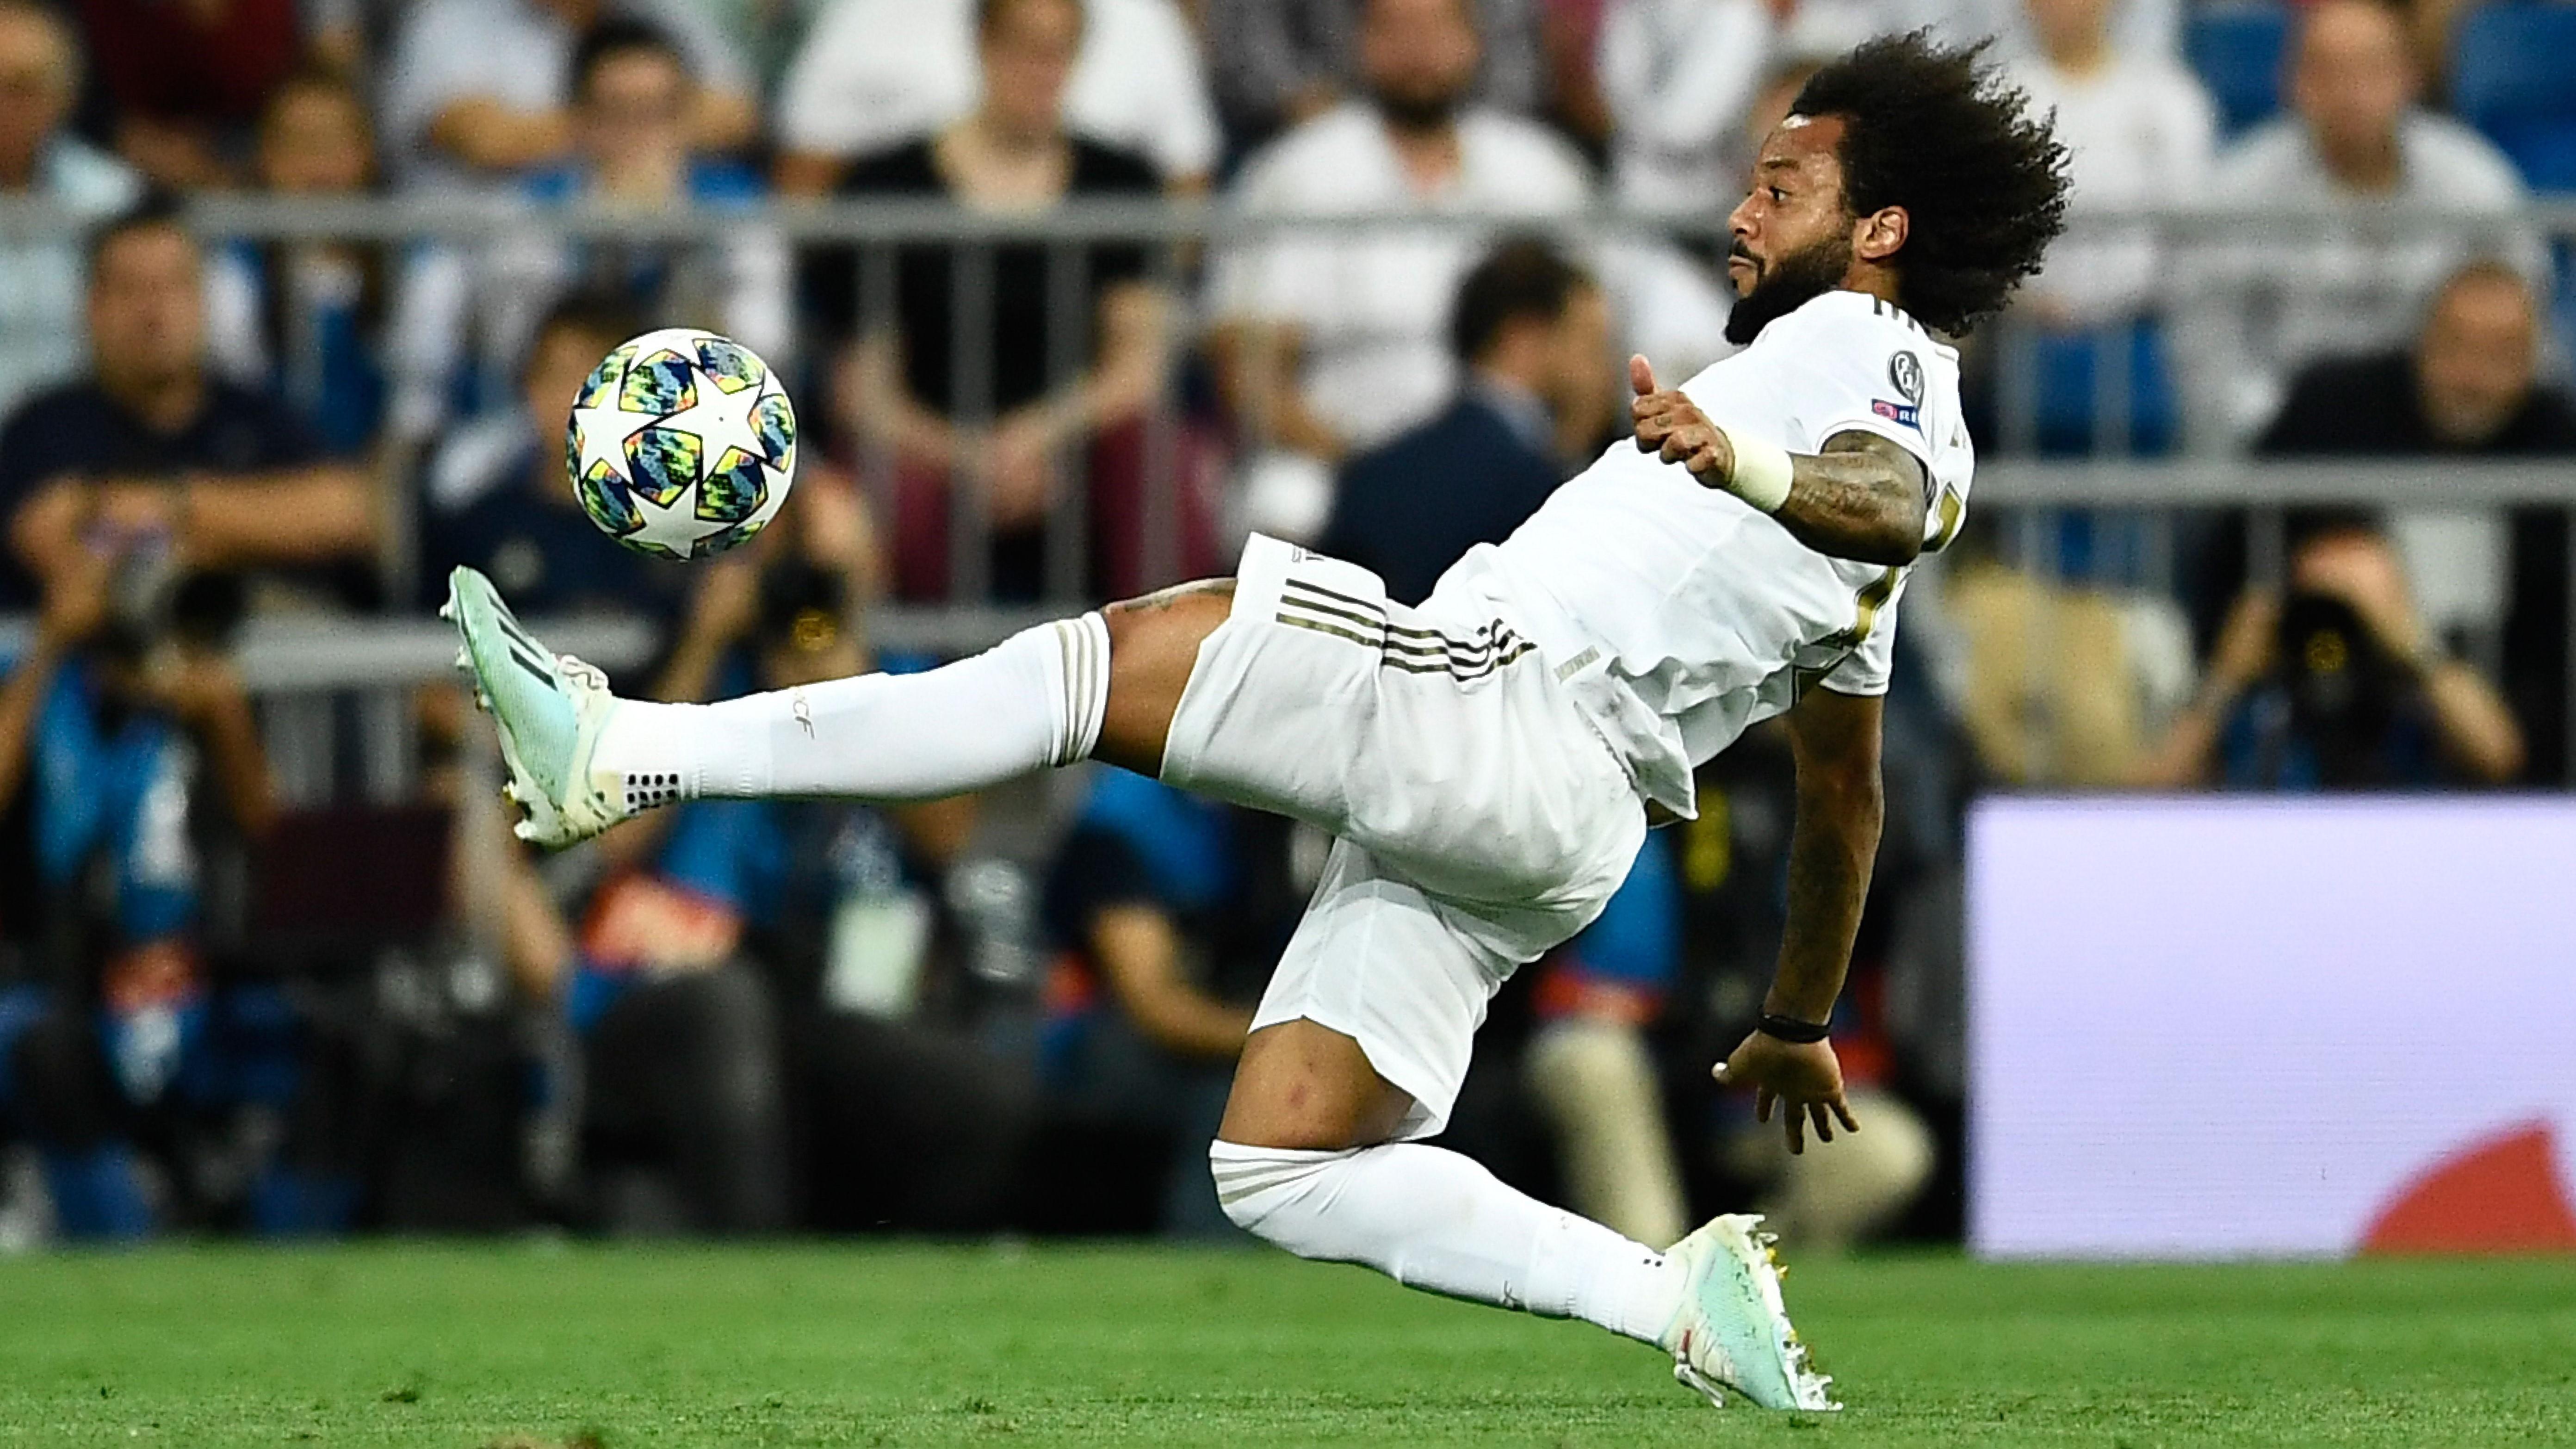 Real Madrid - Marcelo blessé, Bale latéral gauche ? Zidane répond